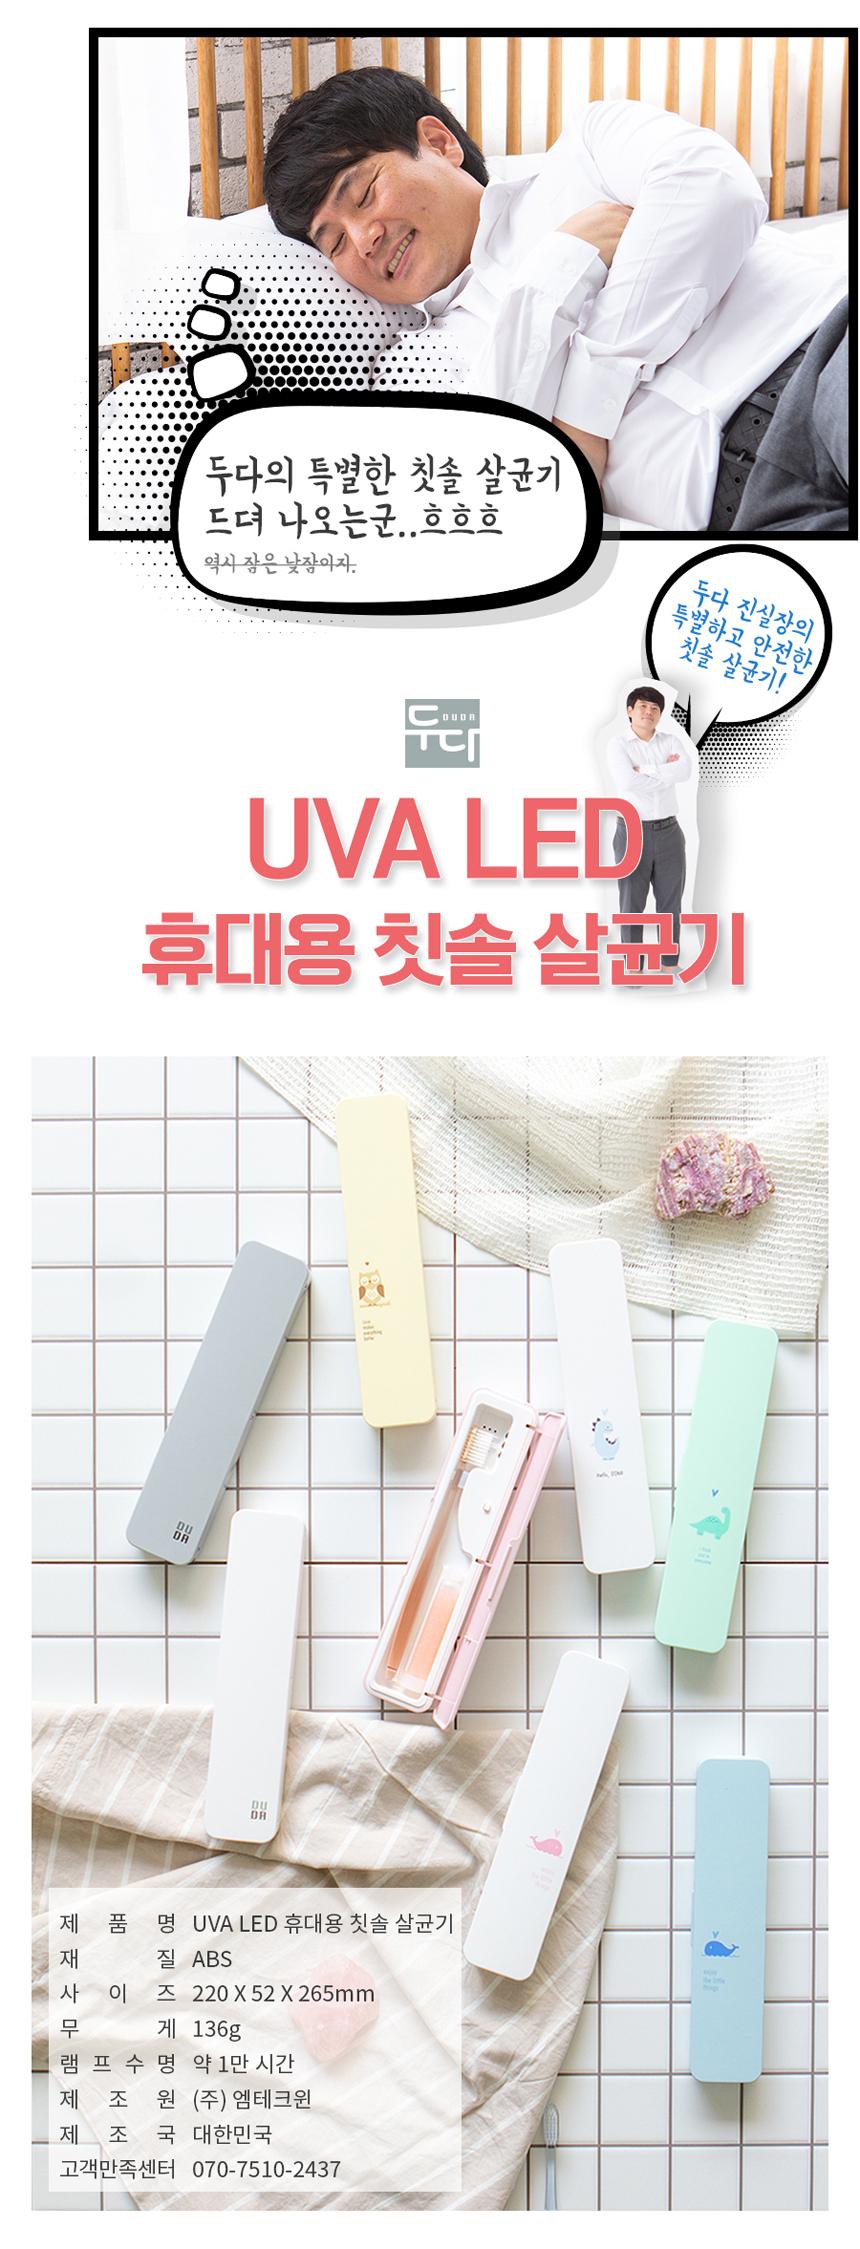 무선 USB 충전식 LED 휴대용 칫솔 살균기 SIC-1000 - 두다, 25,300원, 구강청정기, 칫솔살균기